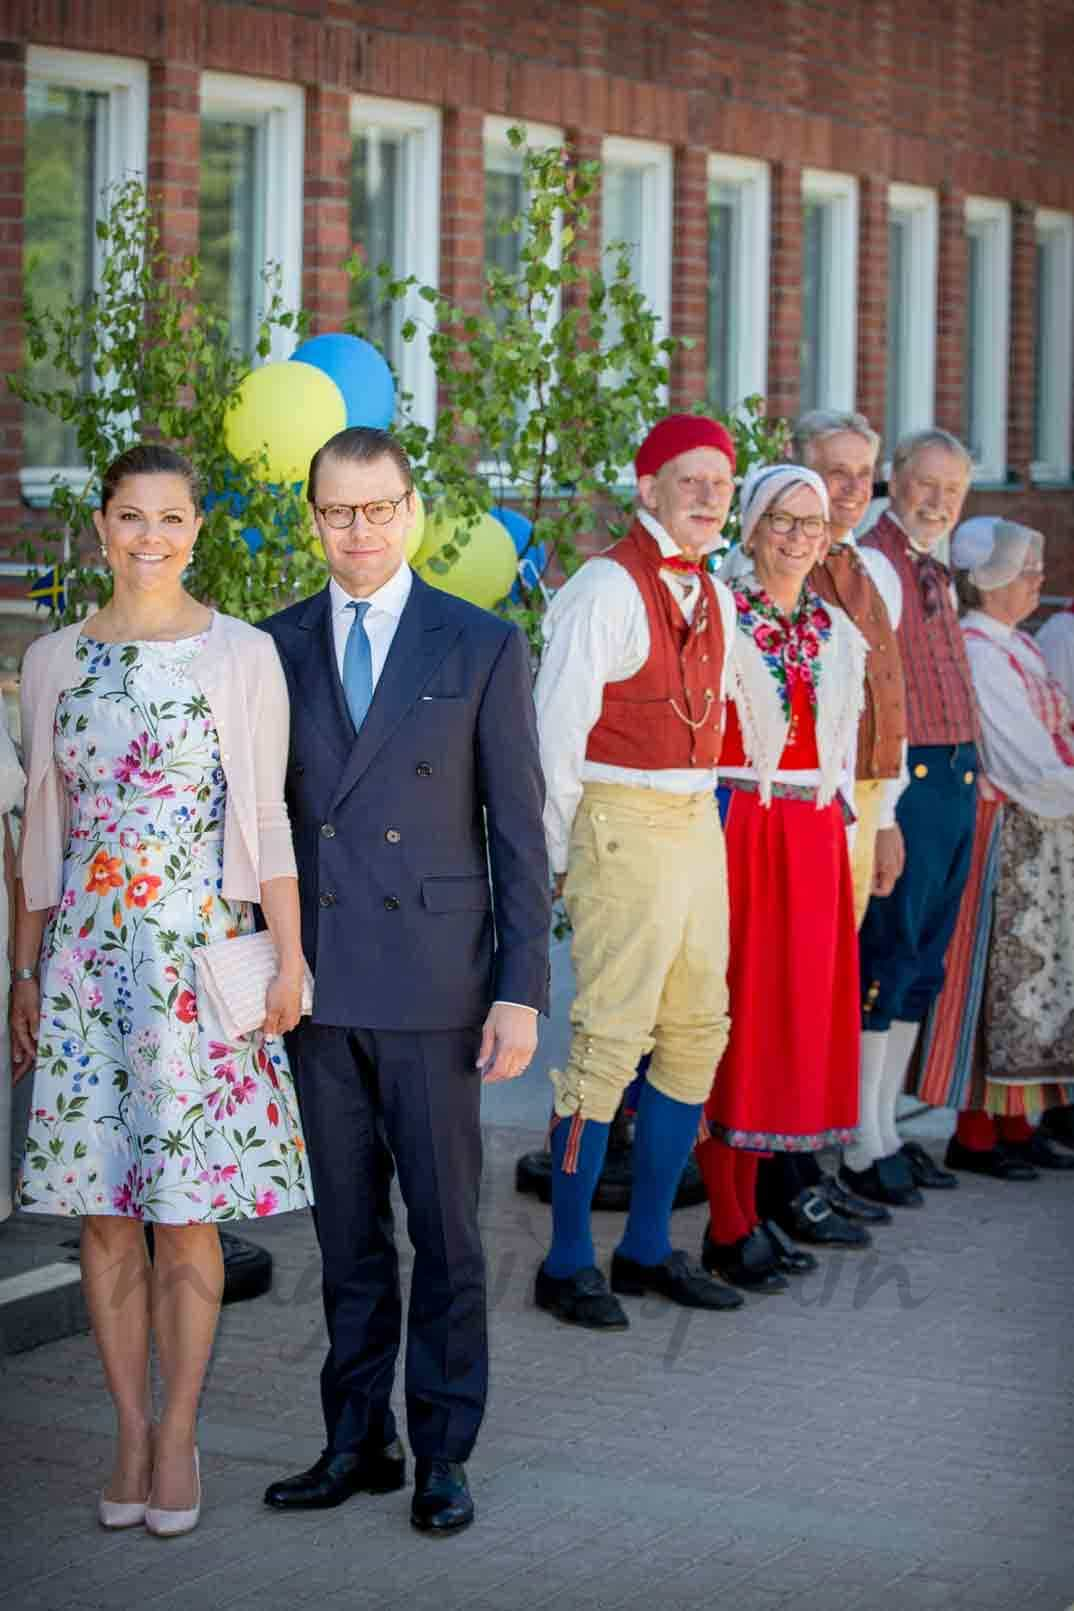 principes daniel y victoria de suecia en el dia de suecia